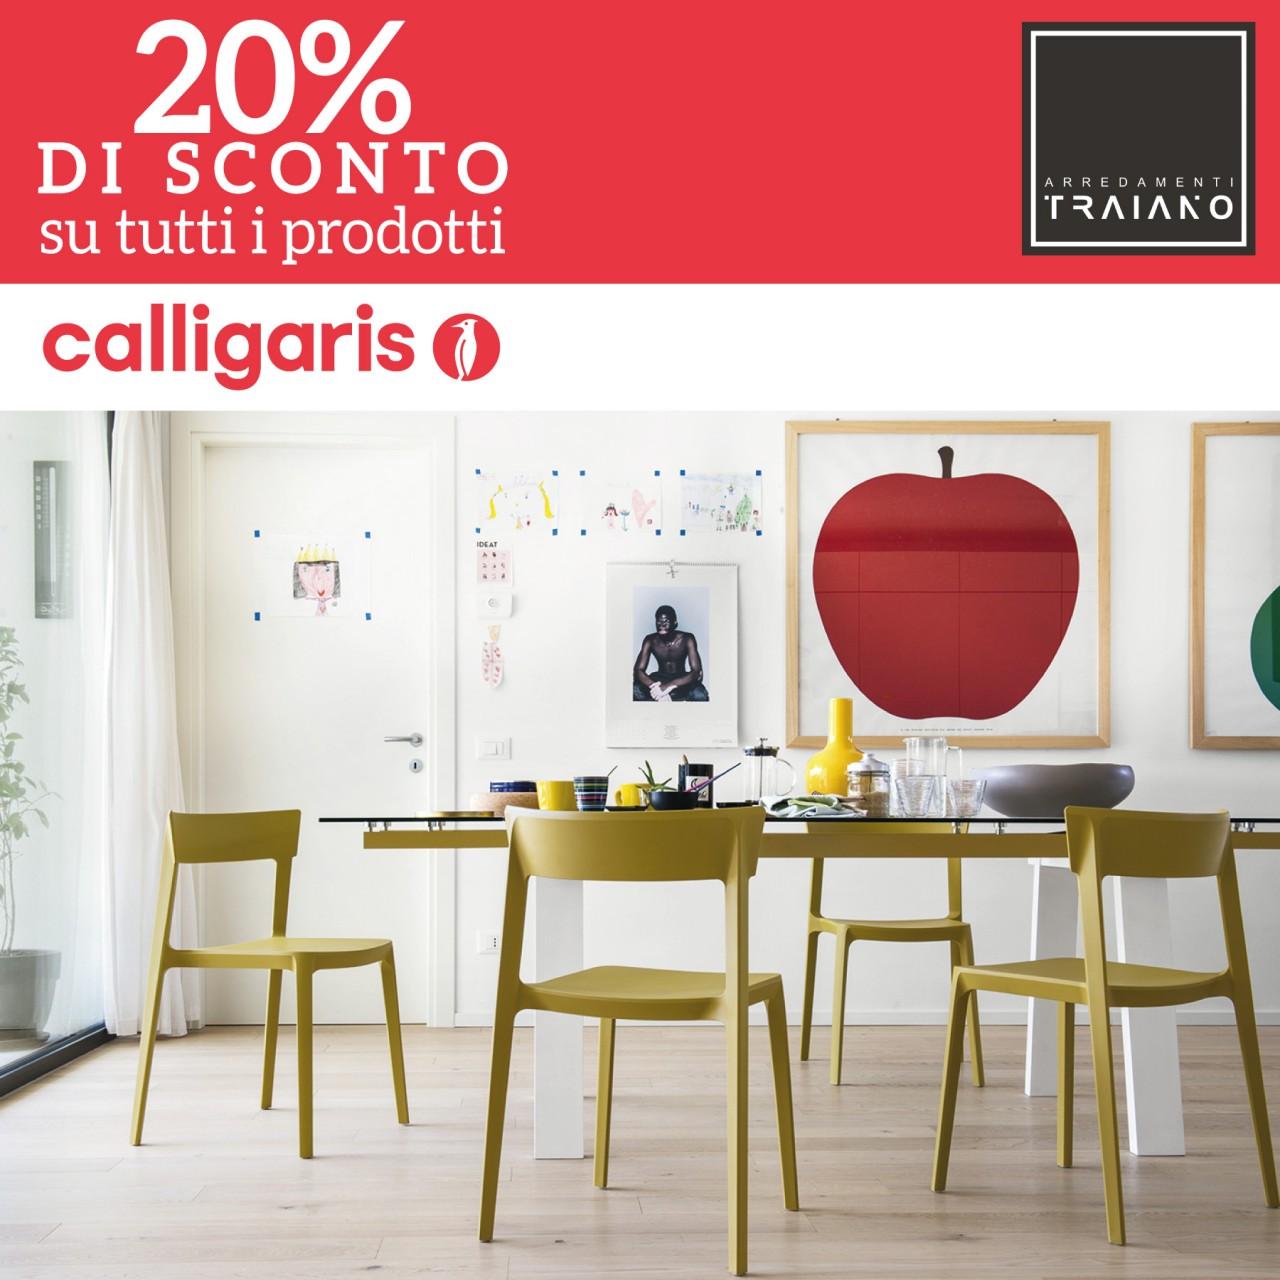 20 di sconto su tutti i prodotti calligaris offerte for Calligaris arredamenti catalogo